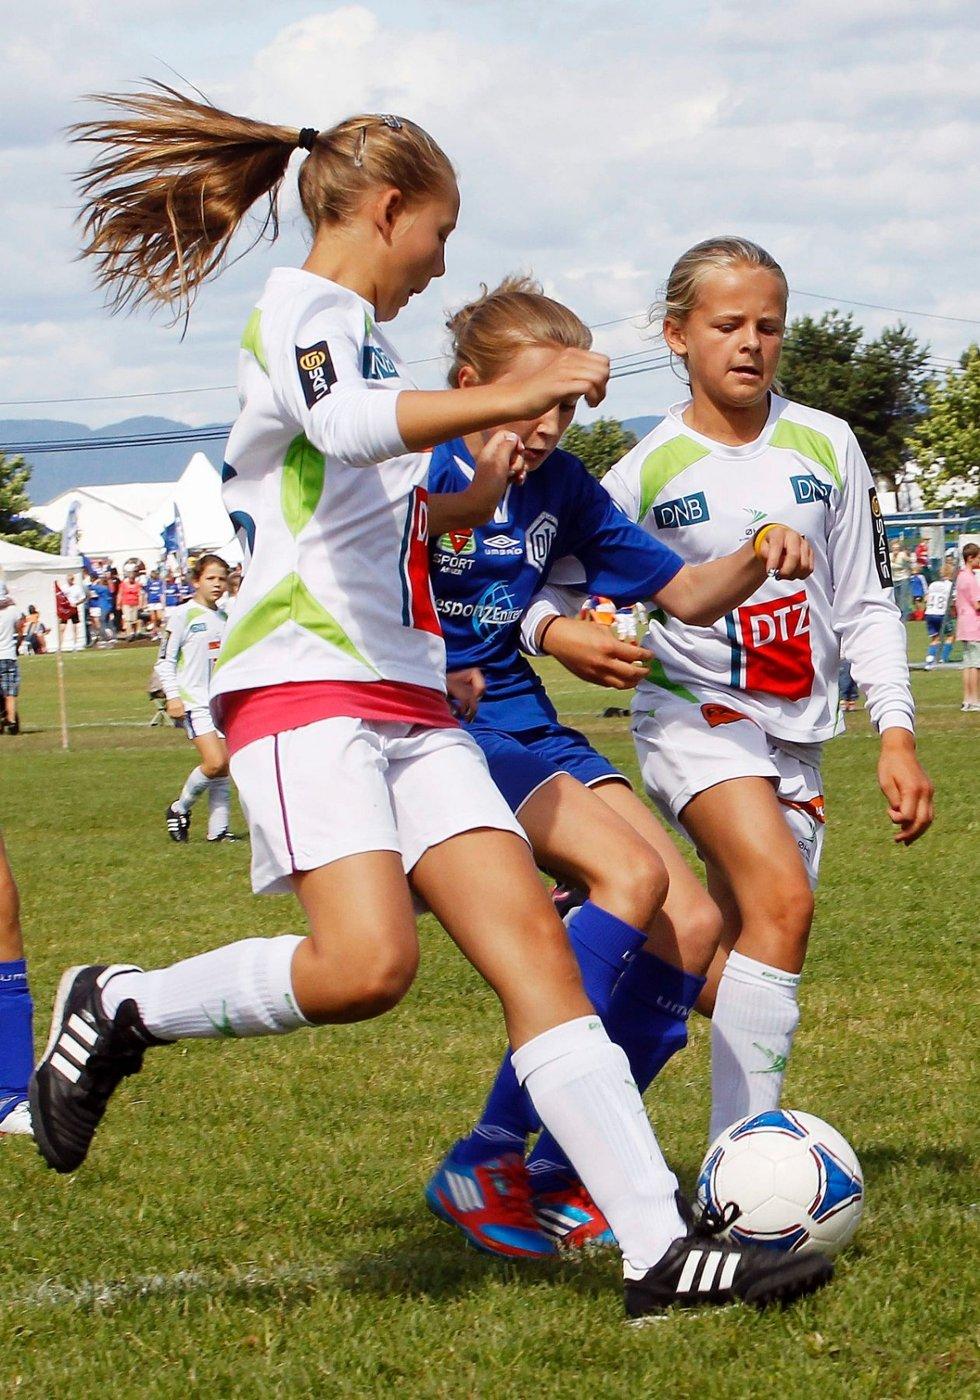 FOTBALLFEST: Dikemark og Øvrevoll Hosles jenter braket sammen i Norway Cups klasse jenter 12 år. Dikemark-jentene kunne tilslutt juble for seier. ALLE FOTO: ULF HANSEN